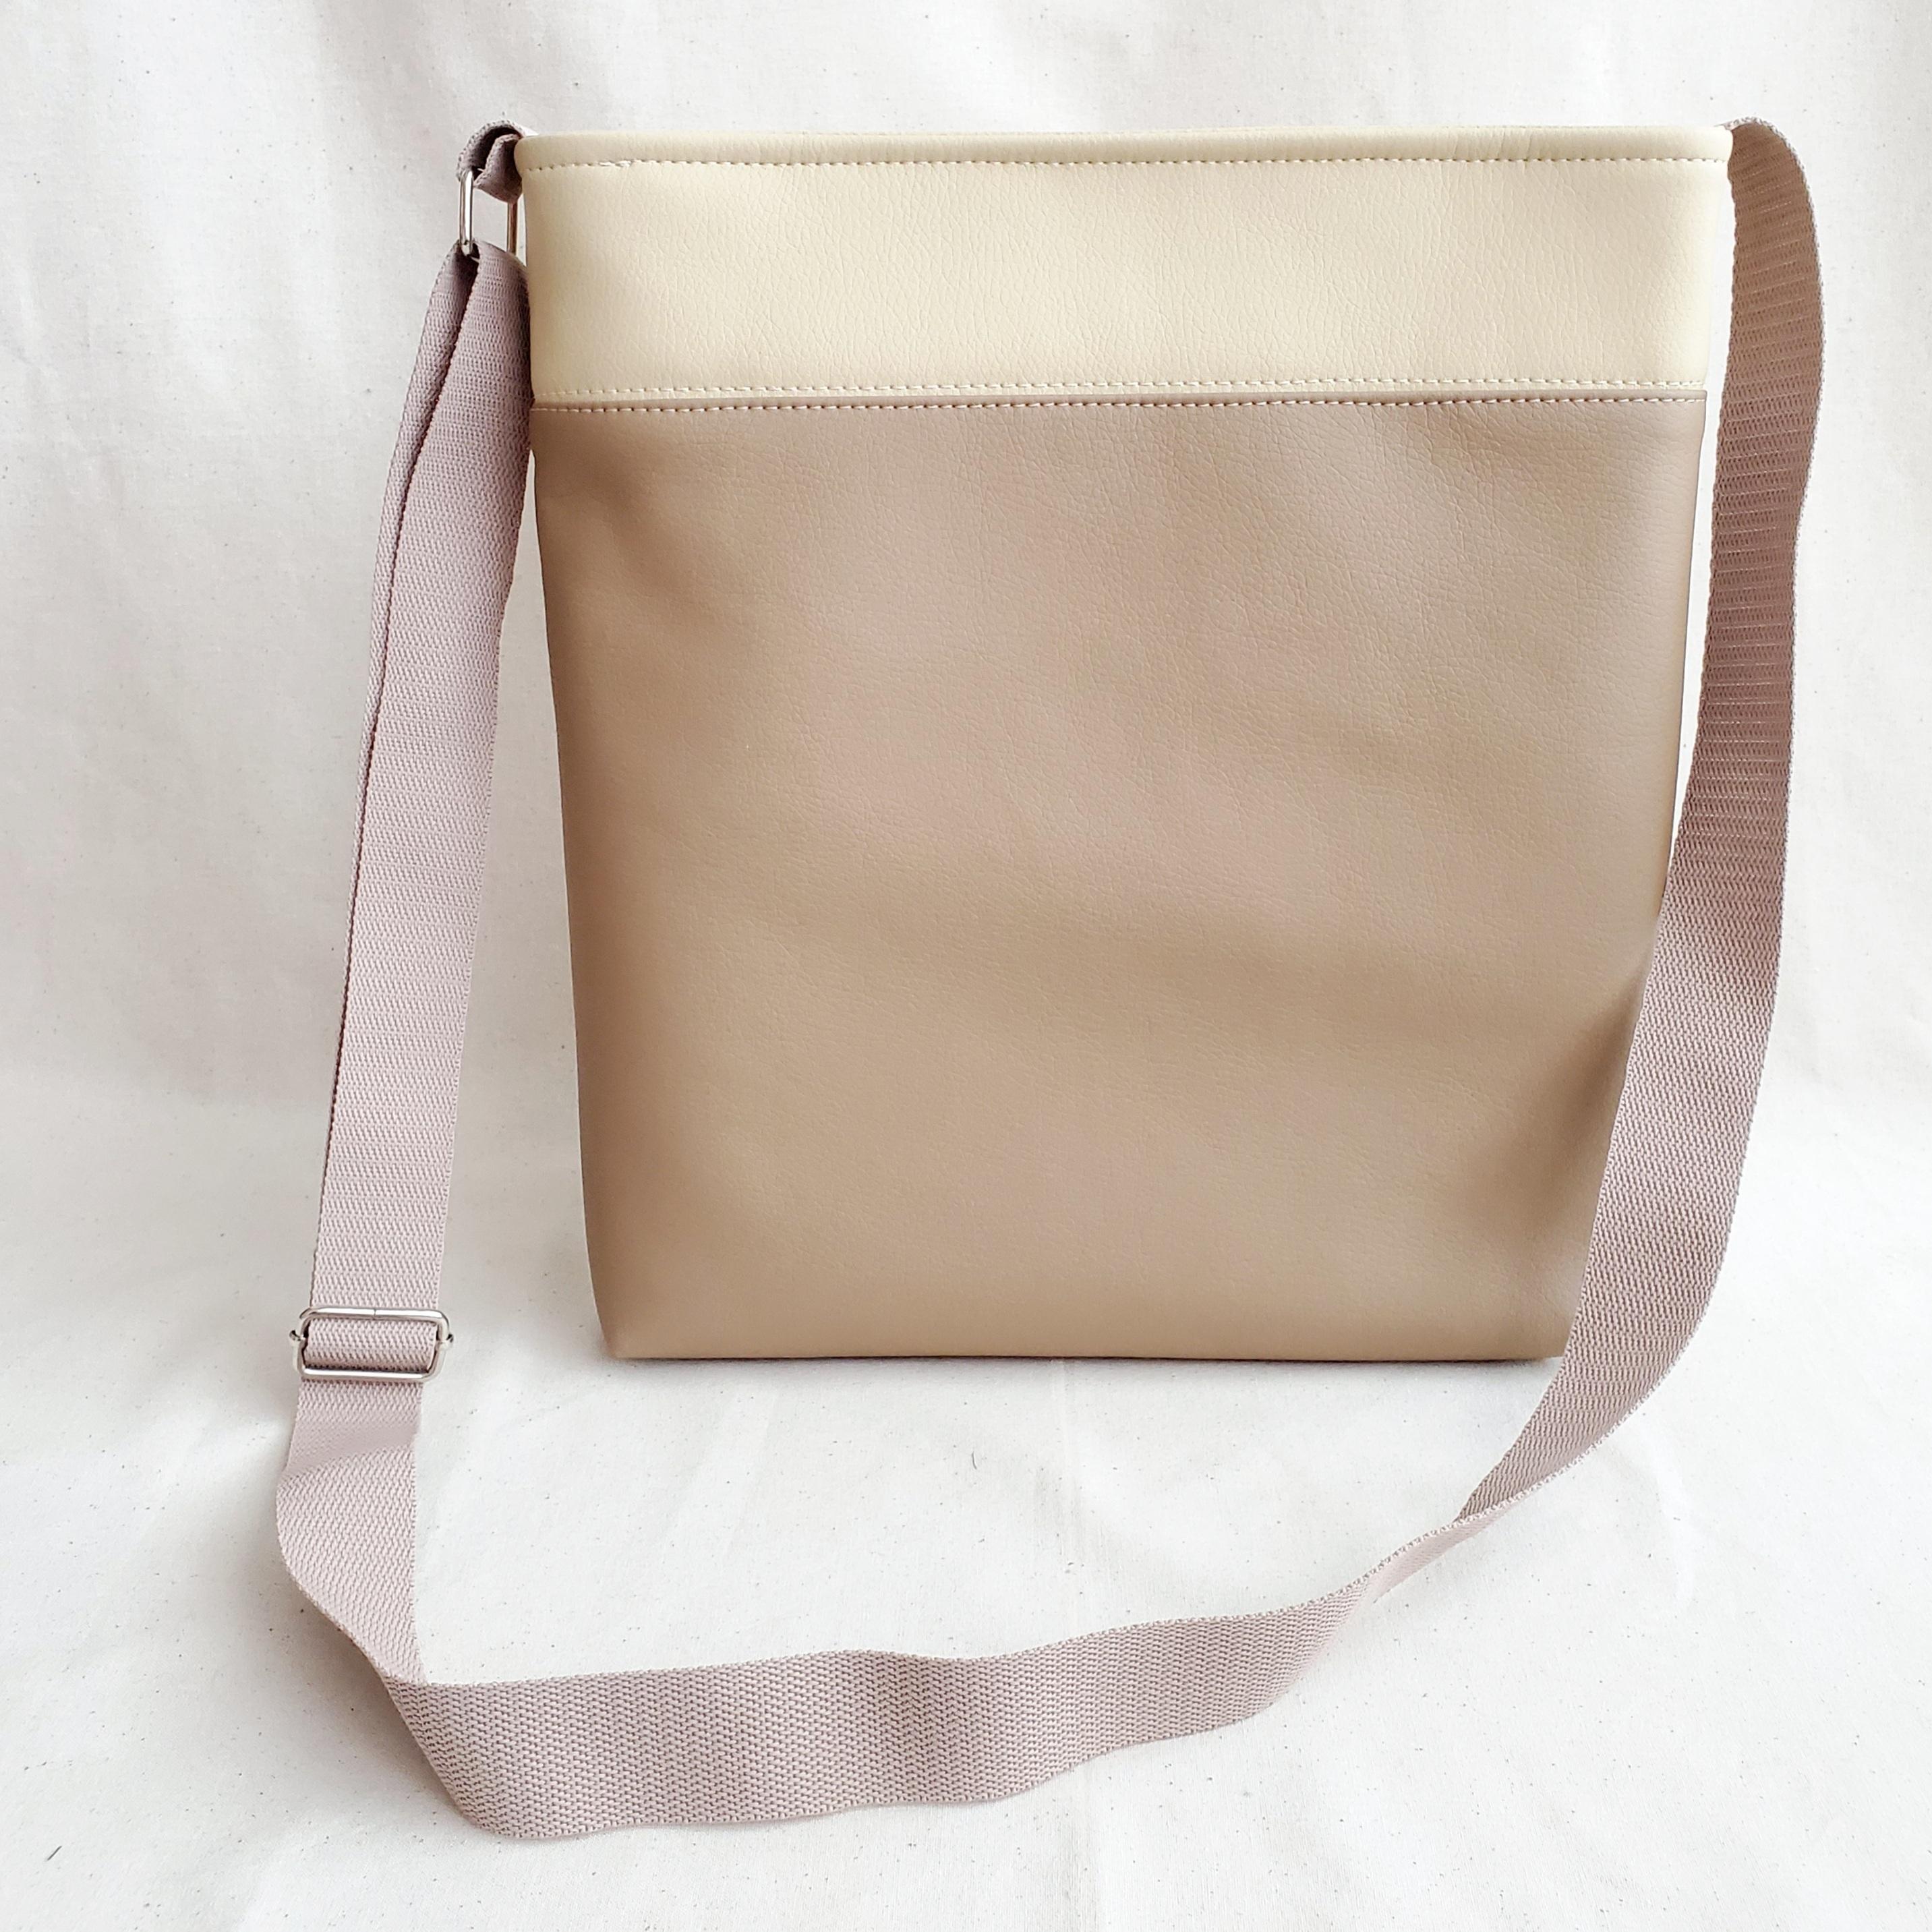 ロゼッタ柄のショルダーバッグ